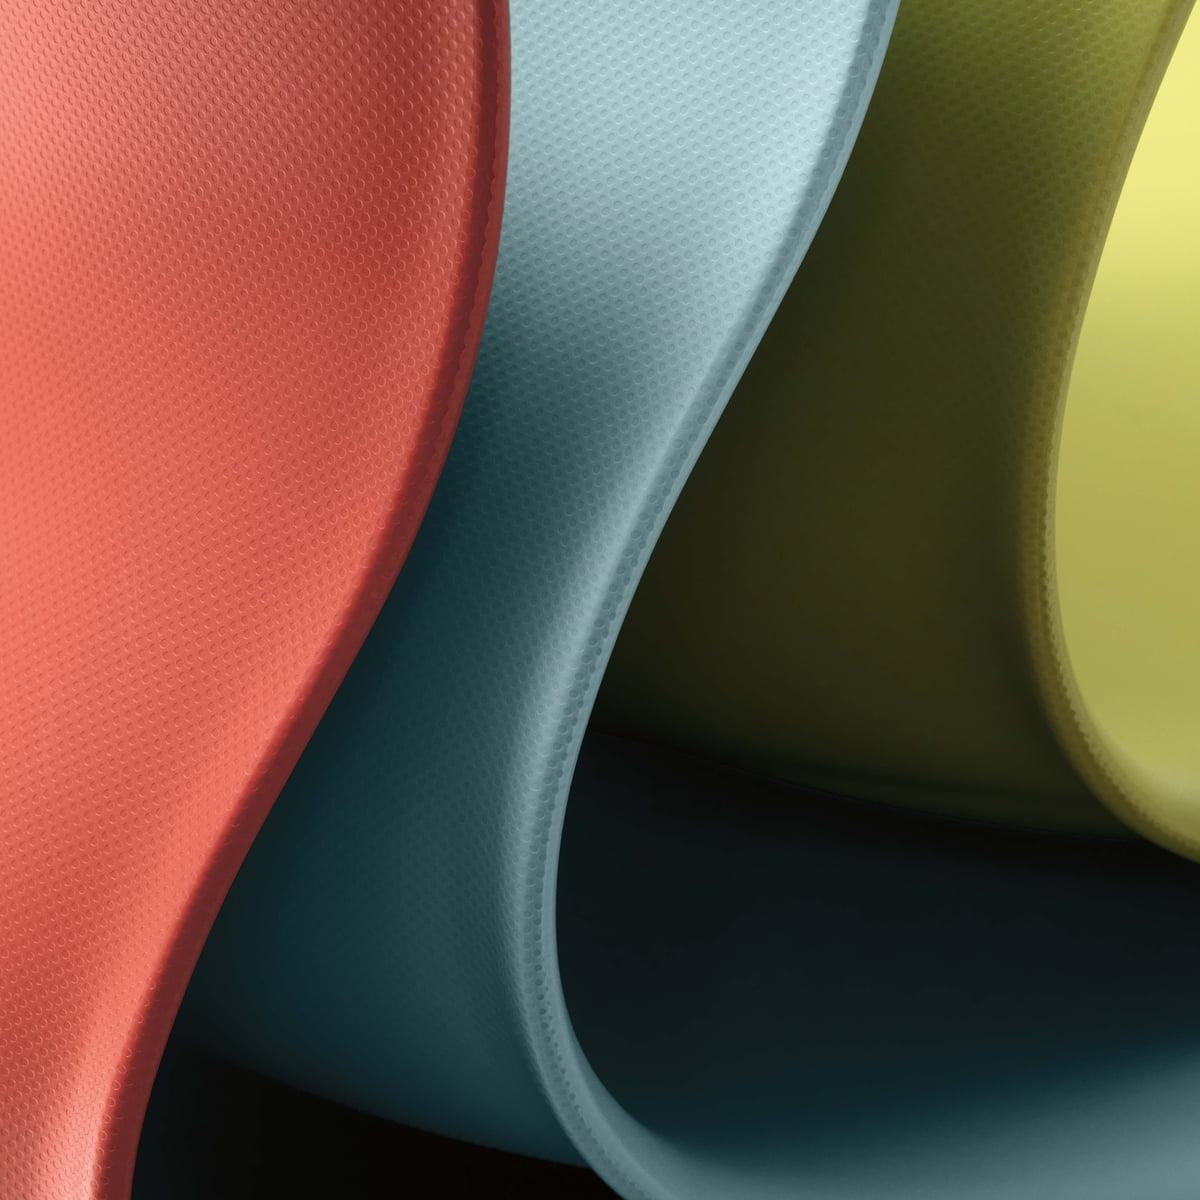 pro kinder drehstuhl im wohndesign shop. Black Bedroom Furniture Sets. Home Design Ideas